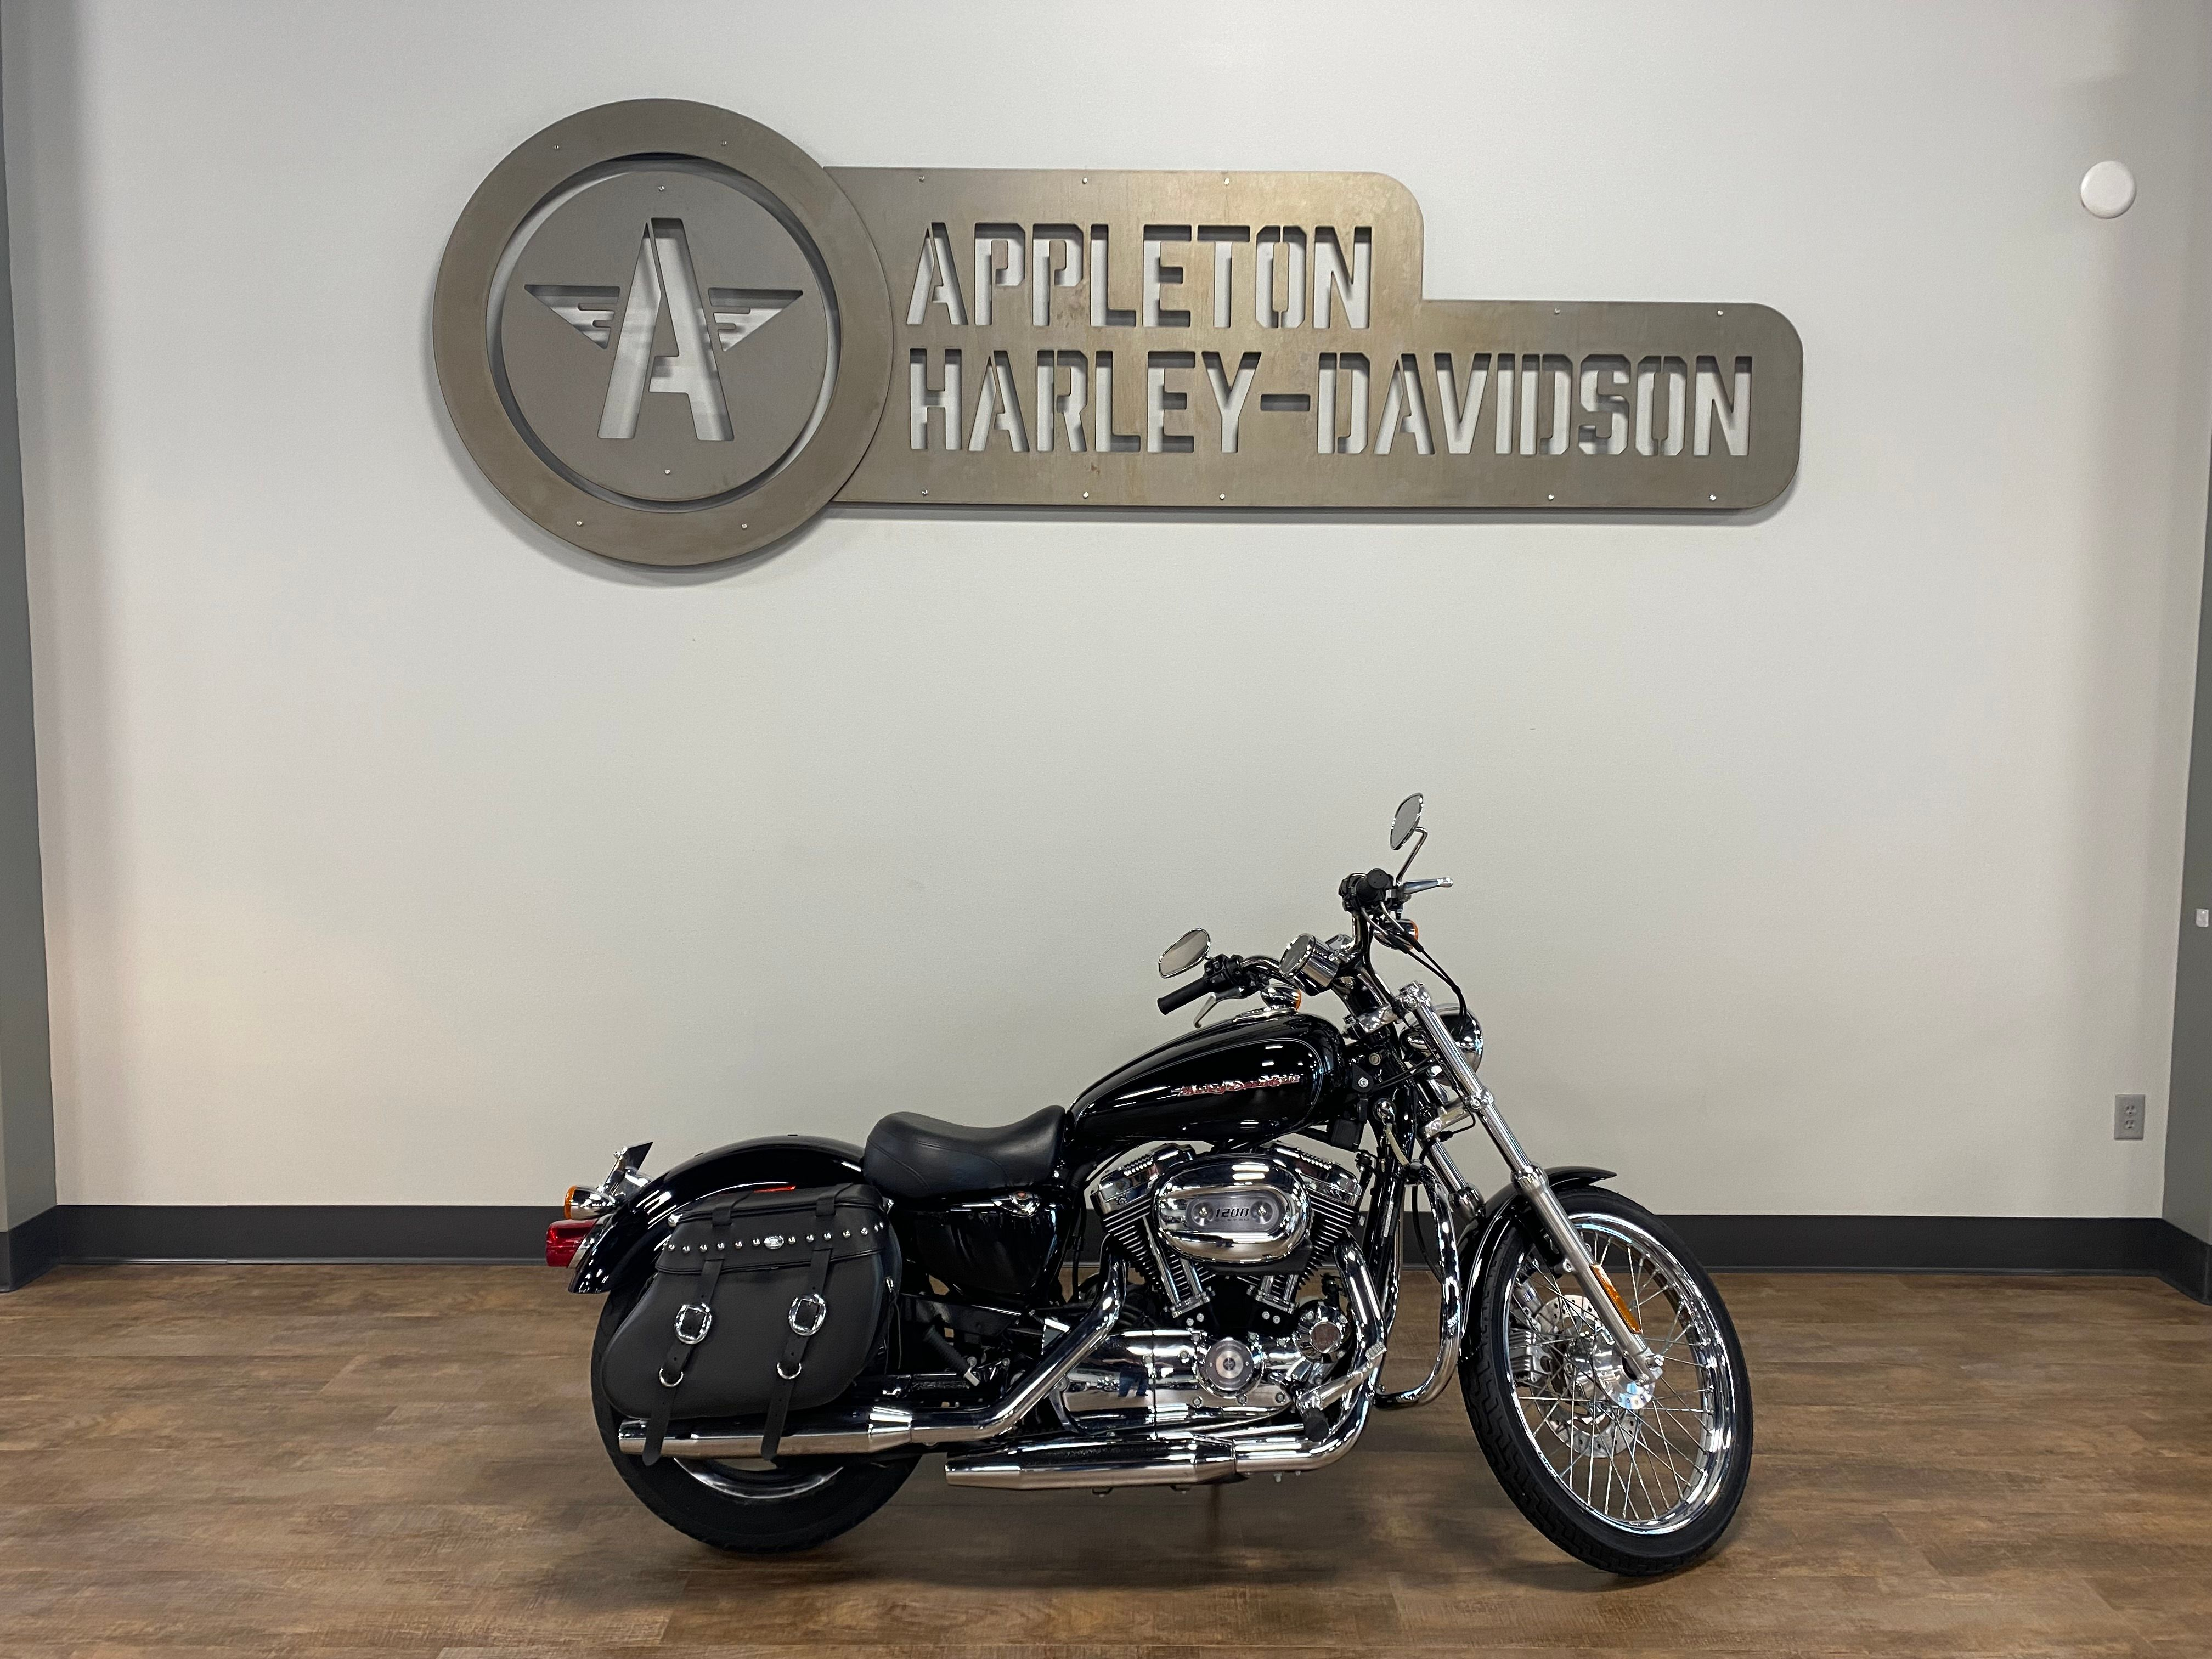 2004 Harley-Davidson 1200 Custom